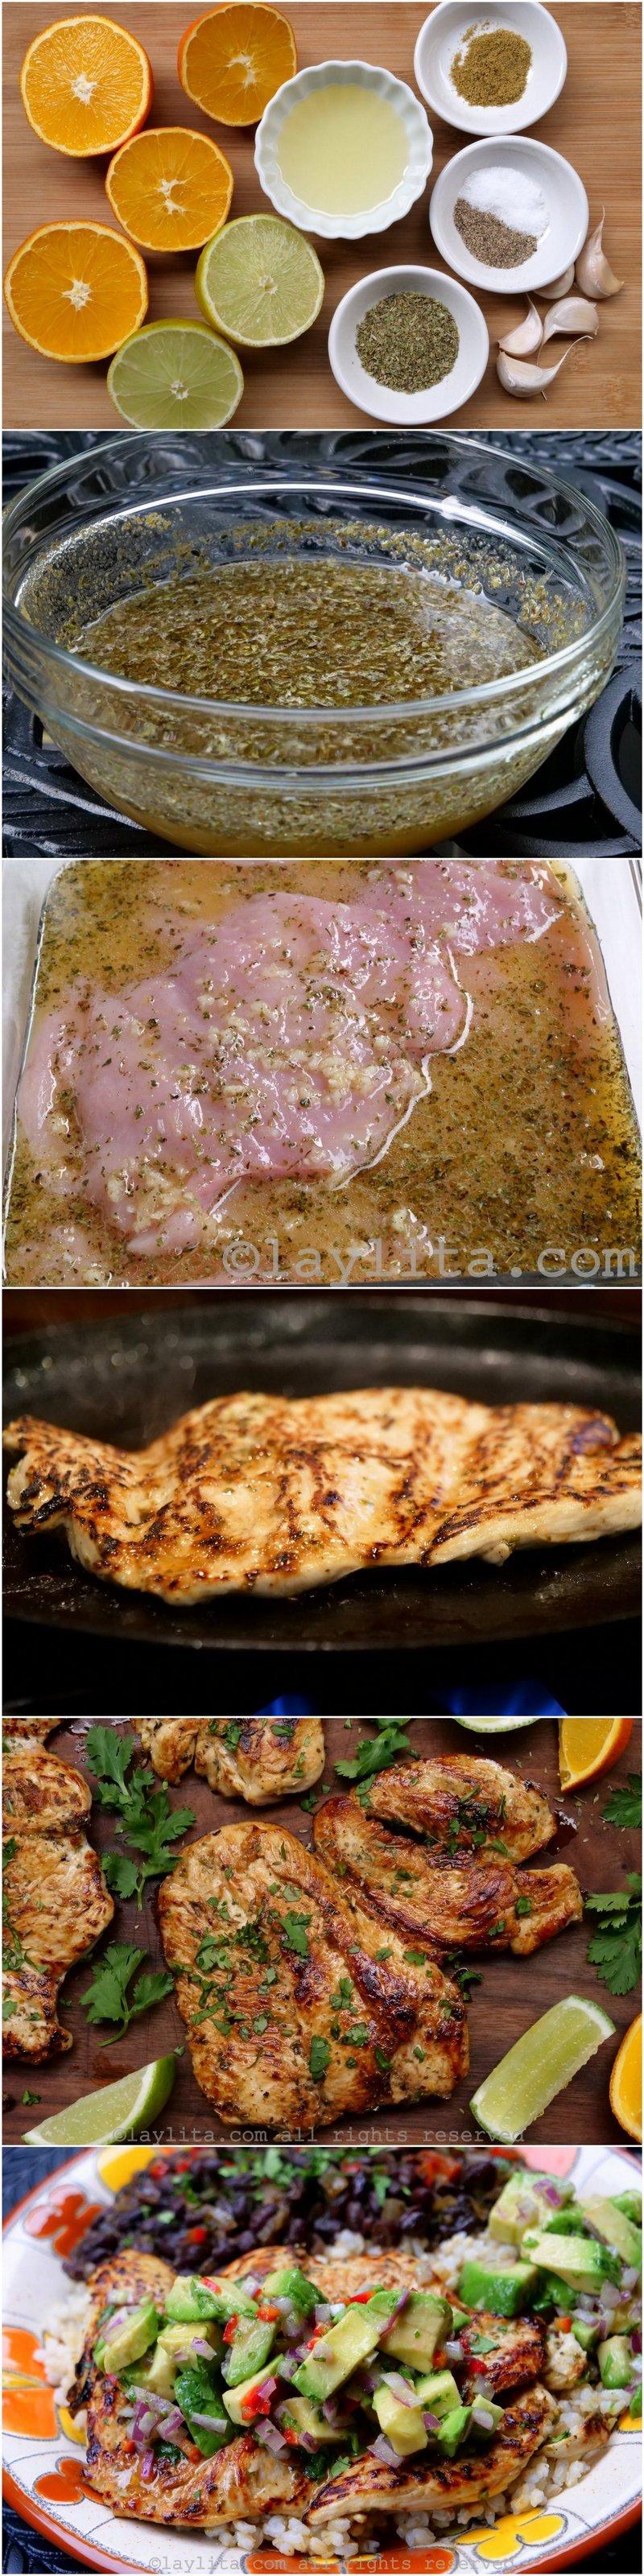 Como preparar pechugas de pollo a la plancha